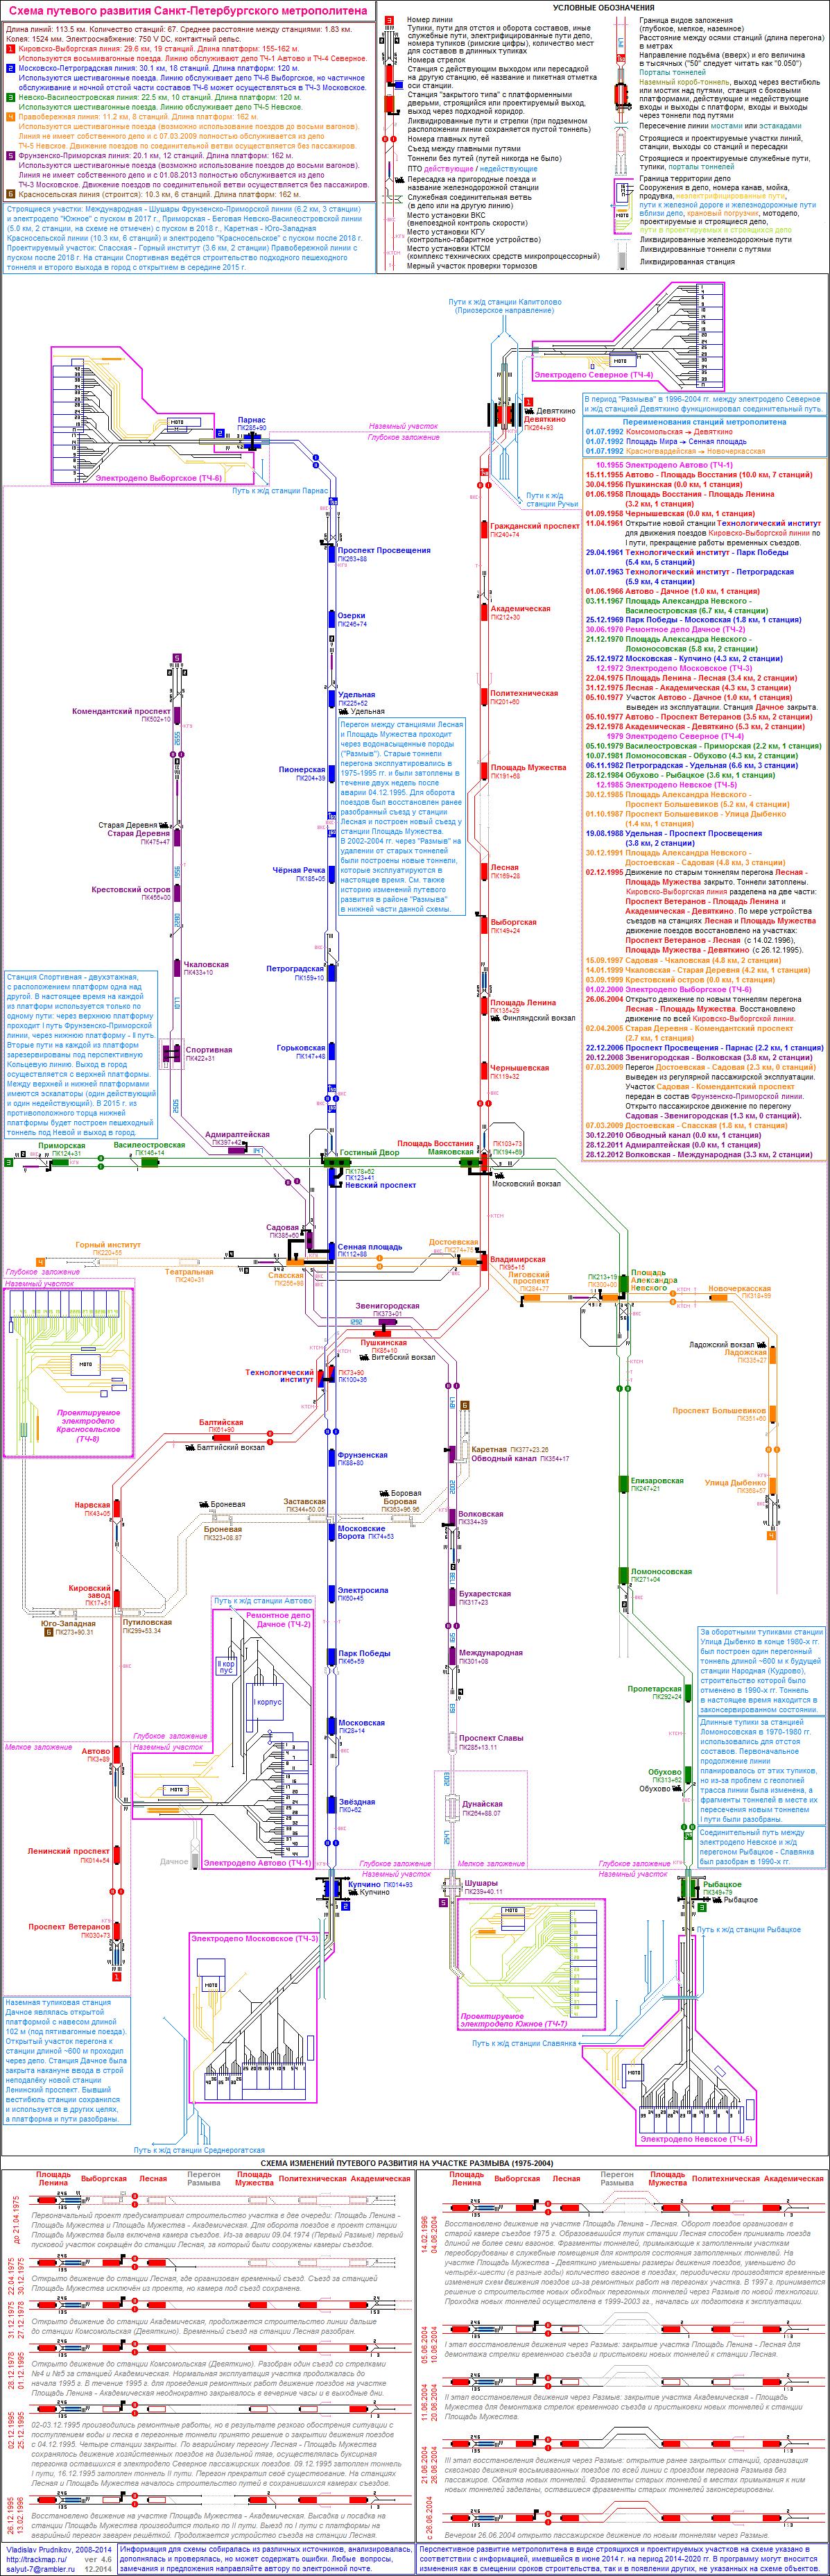 реальная схема метро санкт петербурга